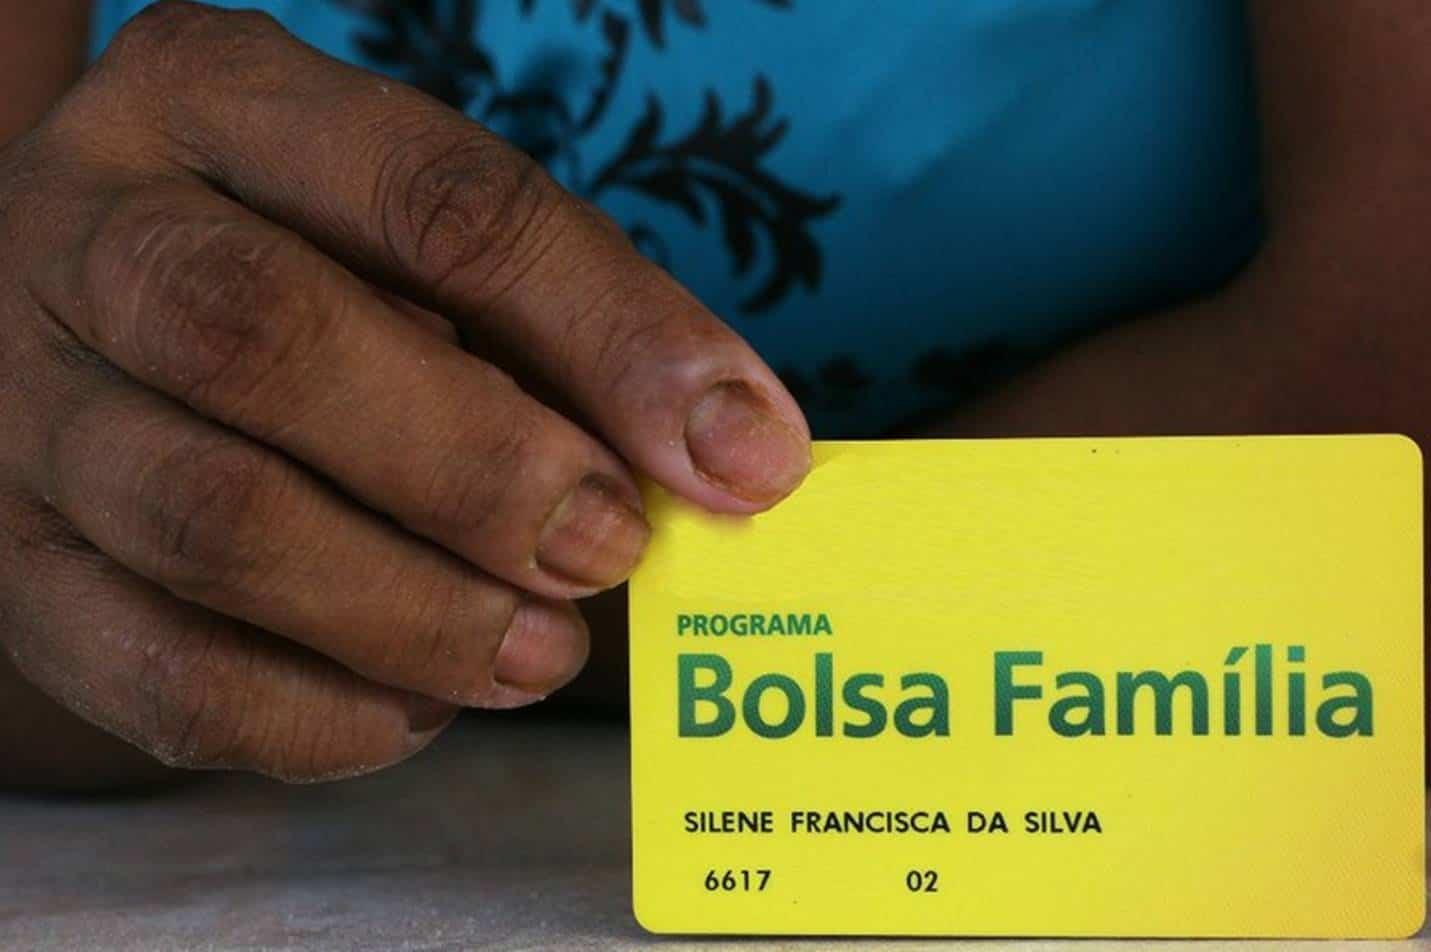 Bolsa Família calendário pagamentos saque